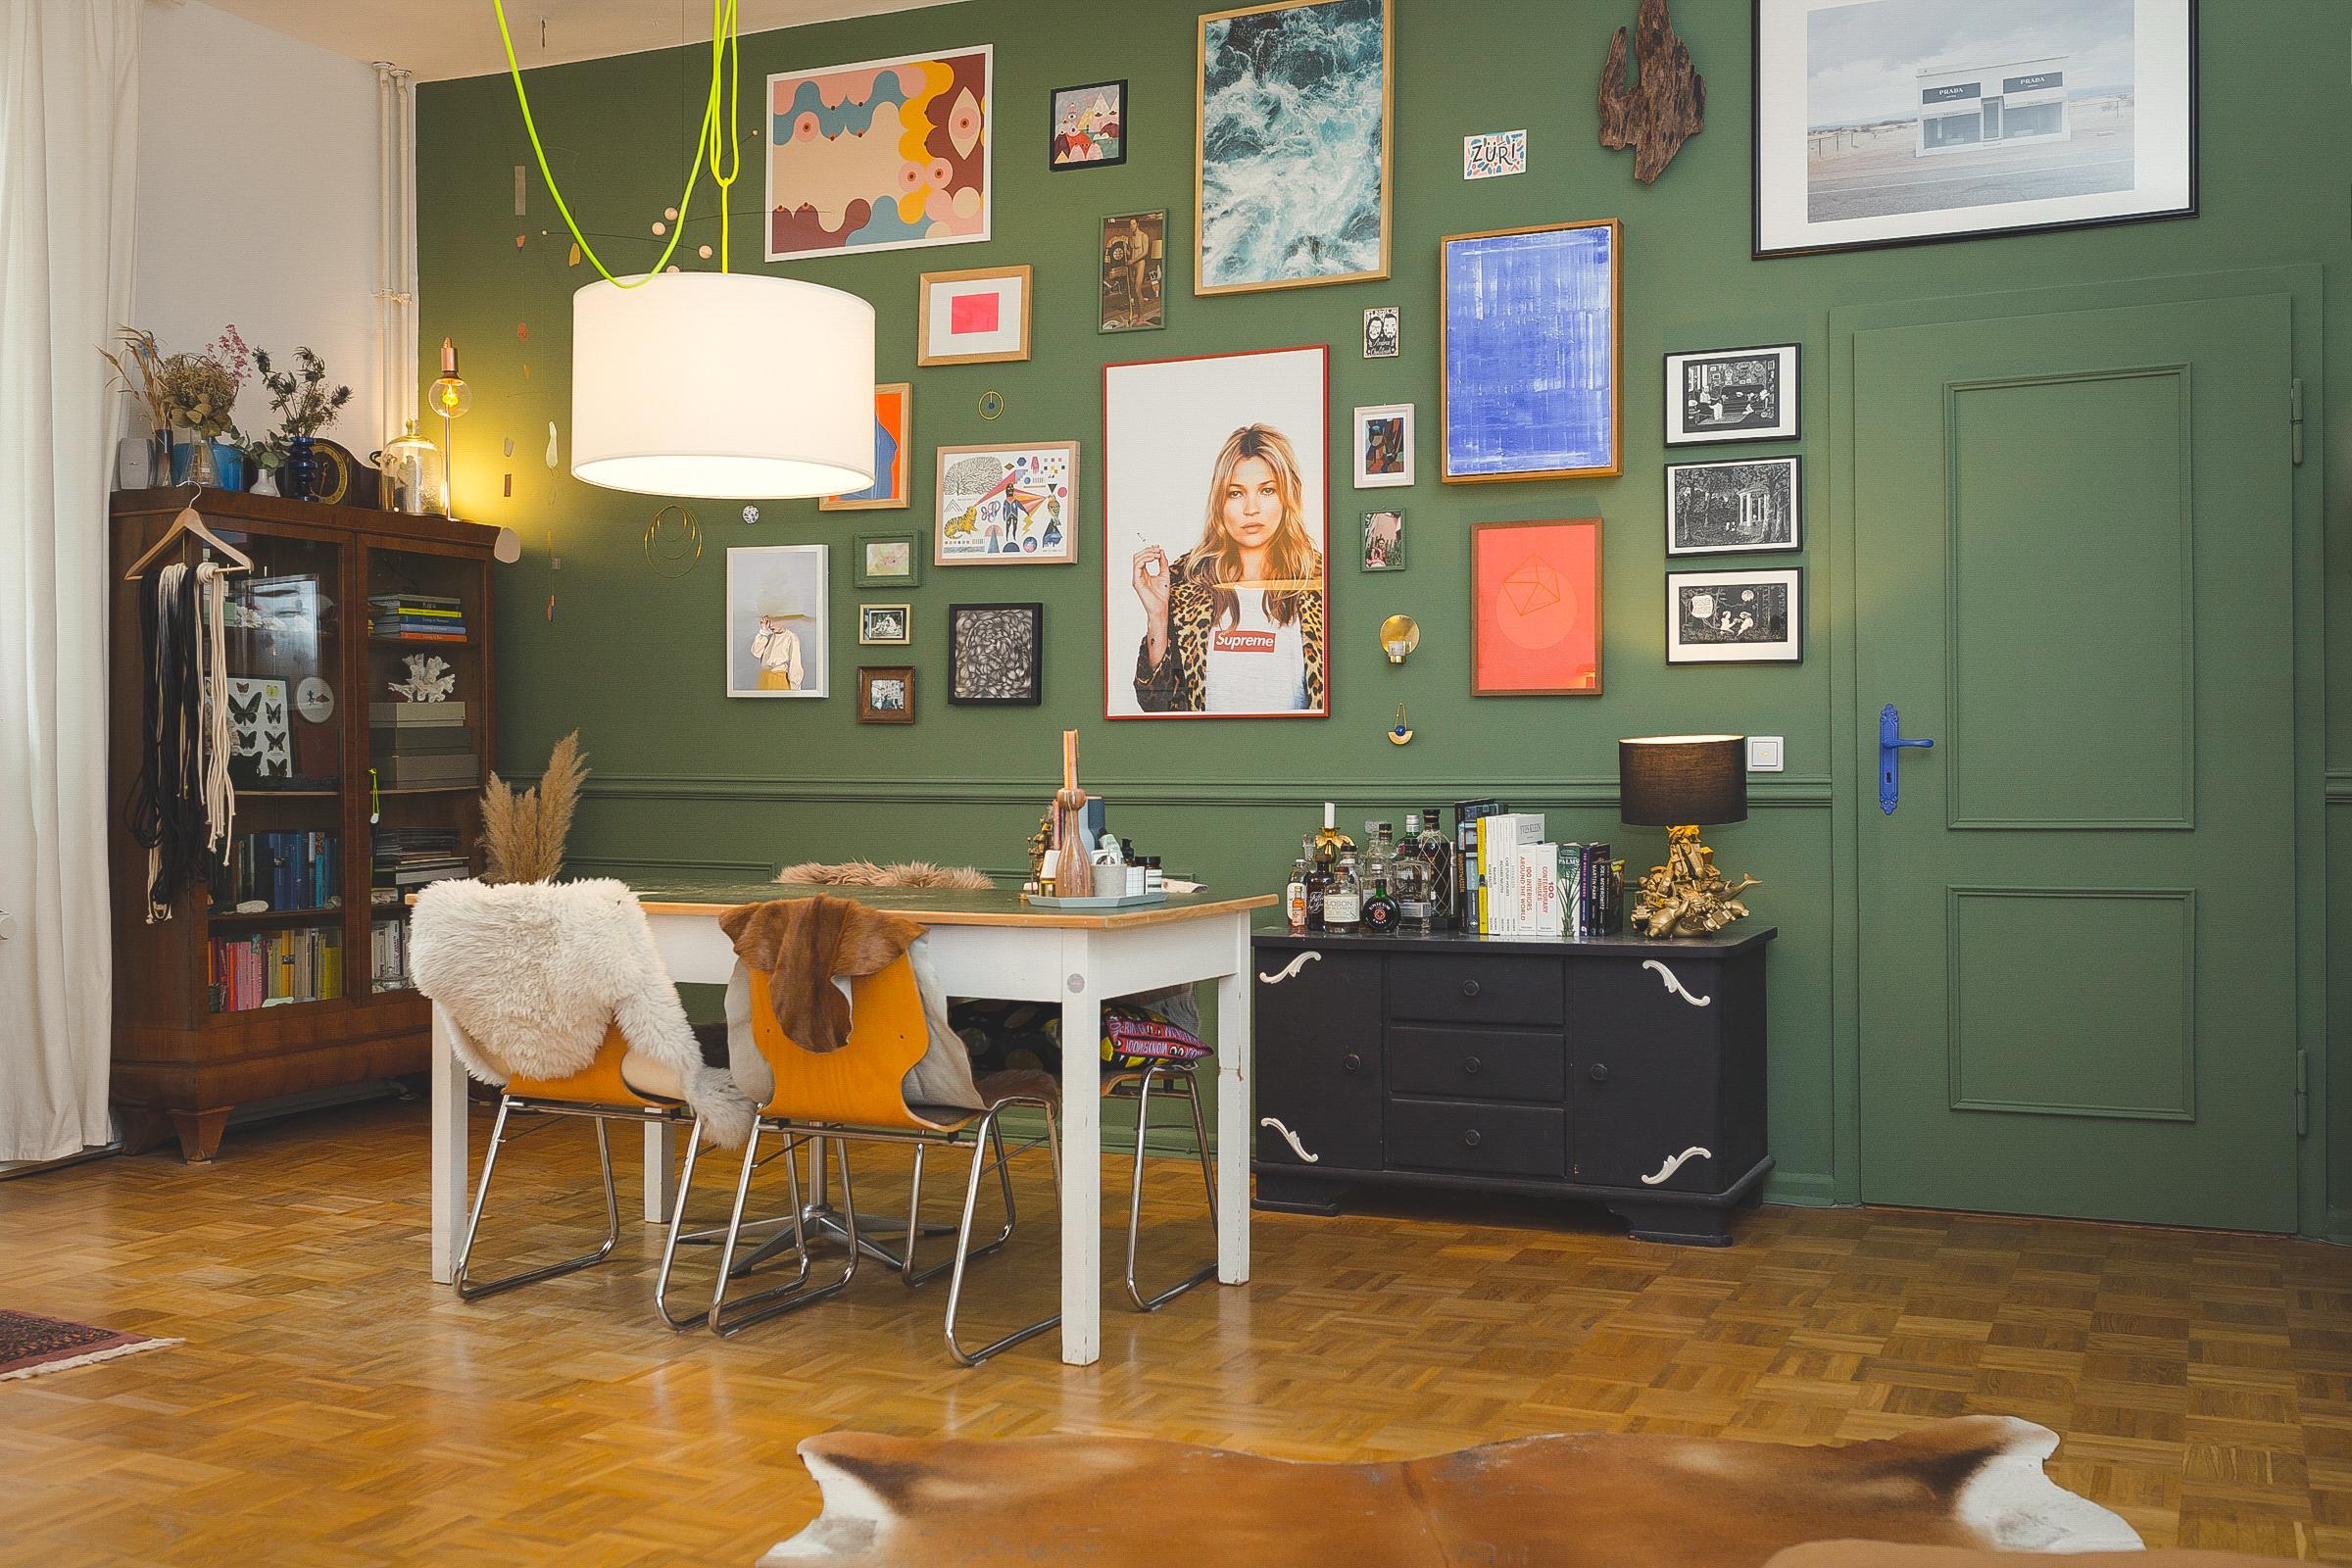 Bilderwand Bildergalerie Wohnzimmer Esszimmer Esstisch Vitrine Boiserie Farrowandball